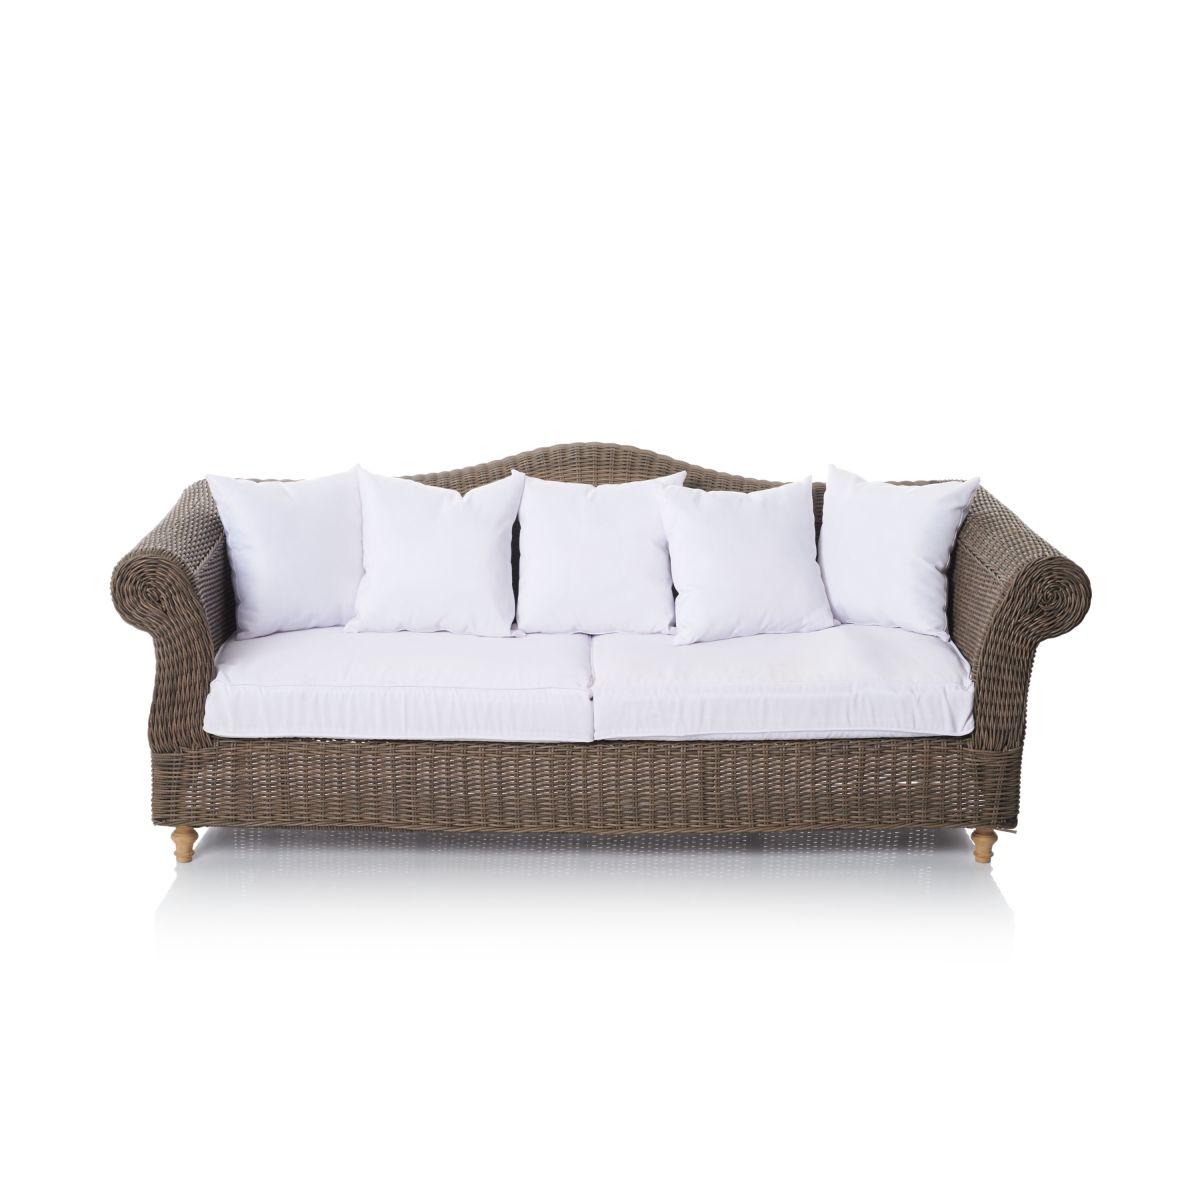 sofa auflagen g nstig kaufen. Black Bedroom Furniture Sets. Home Design Ideas